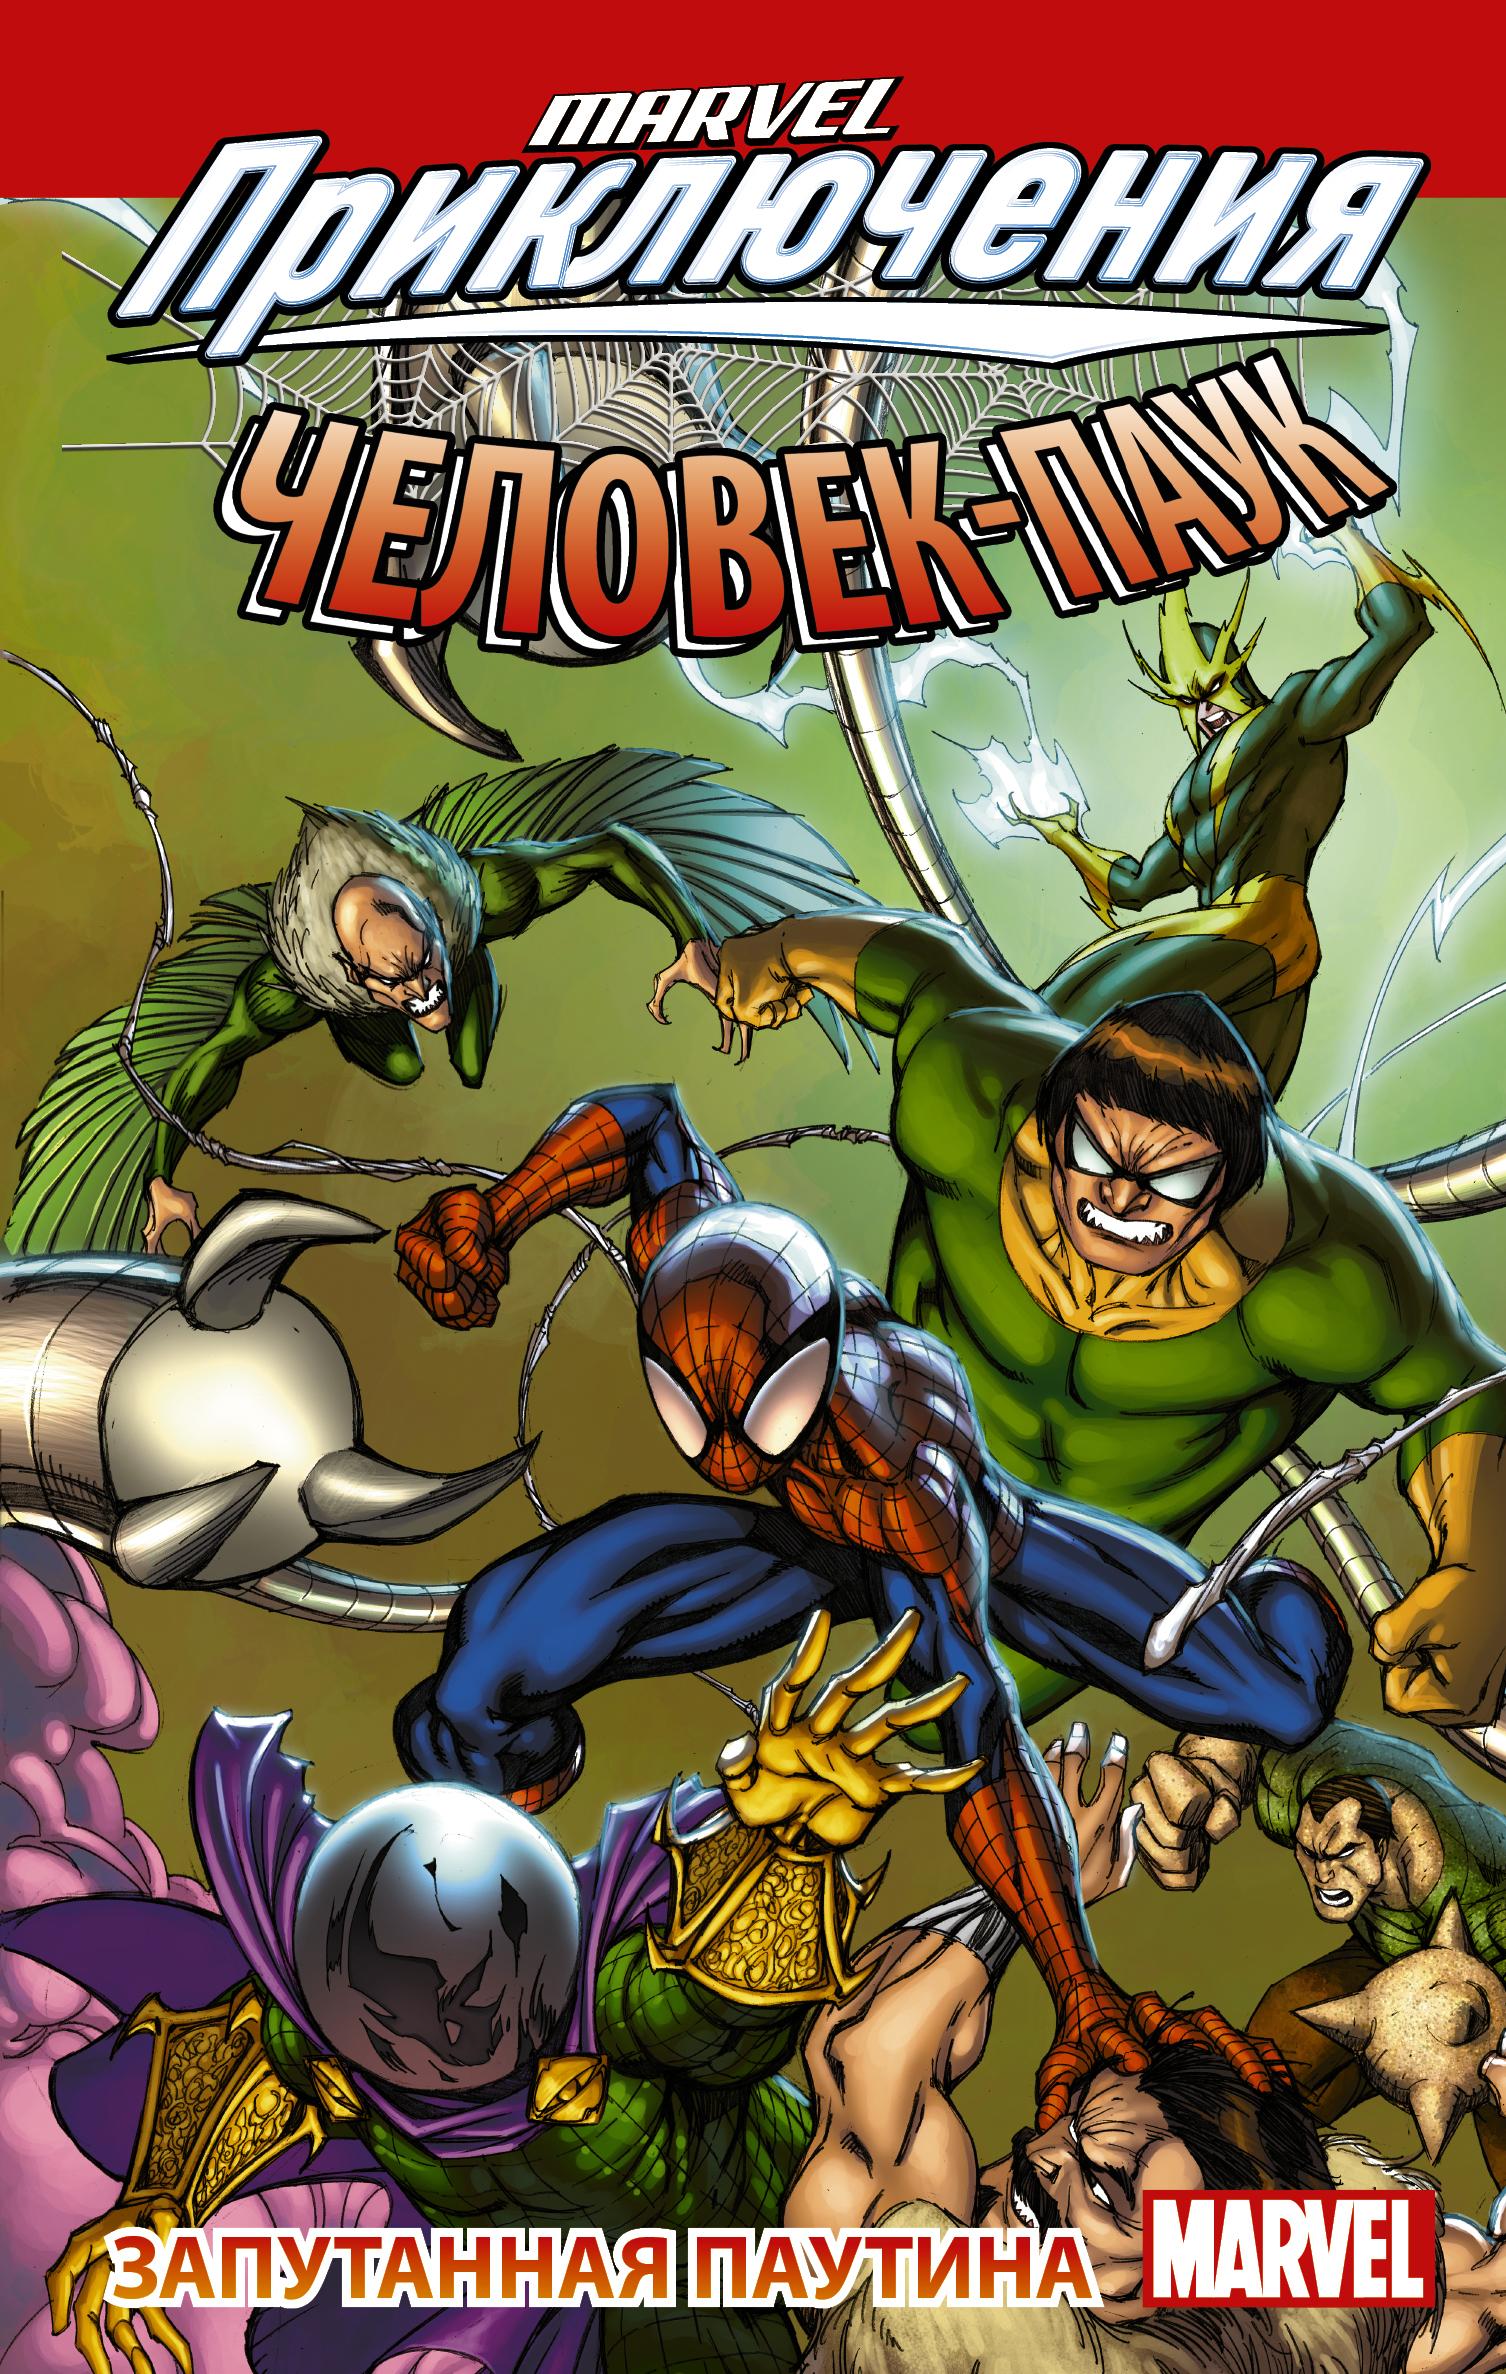 . Человек-Паук. Запутанная паутина. костенко а человек паук запутанная паутина графический роман